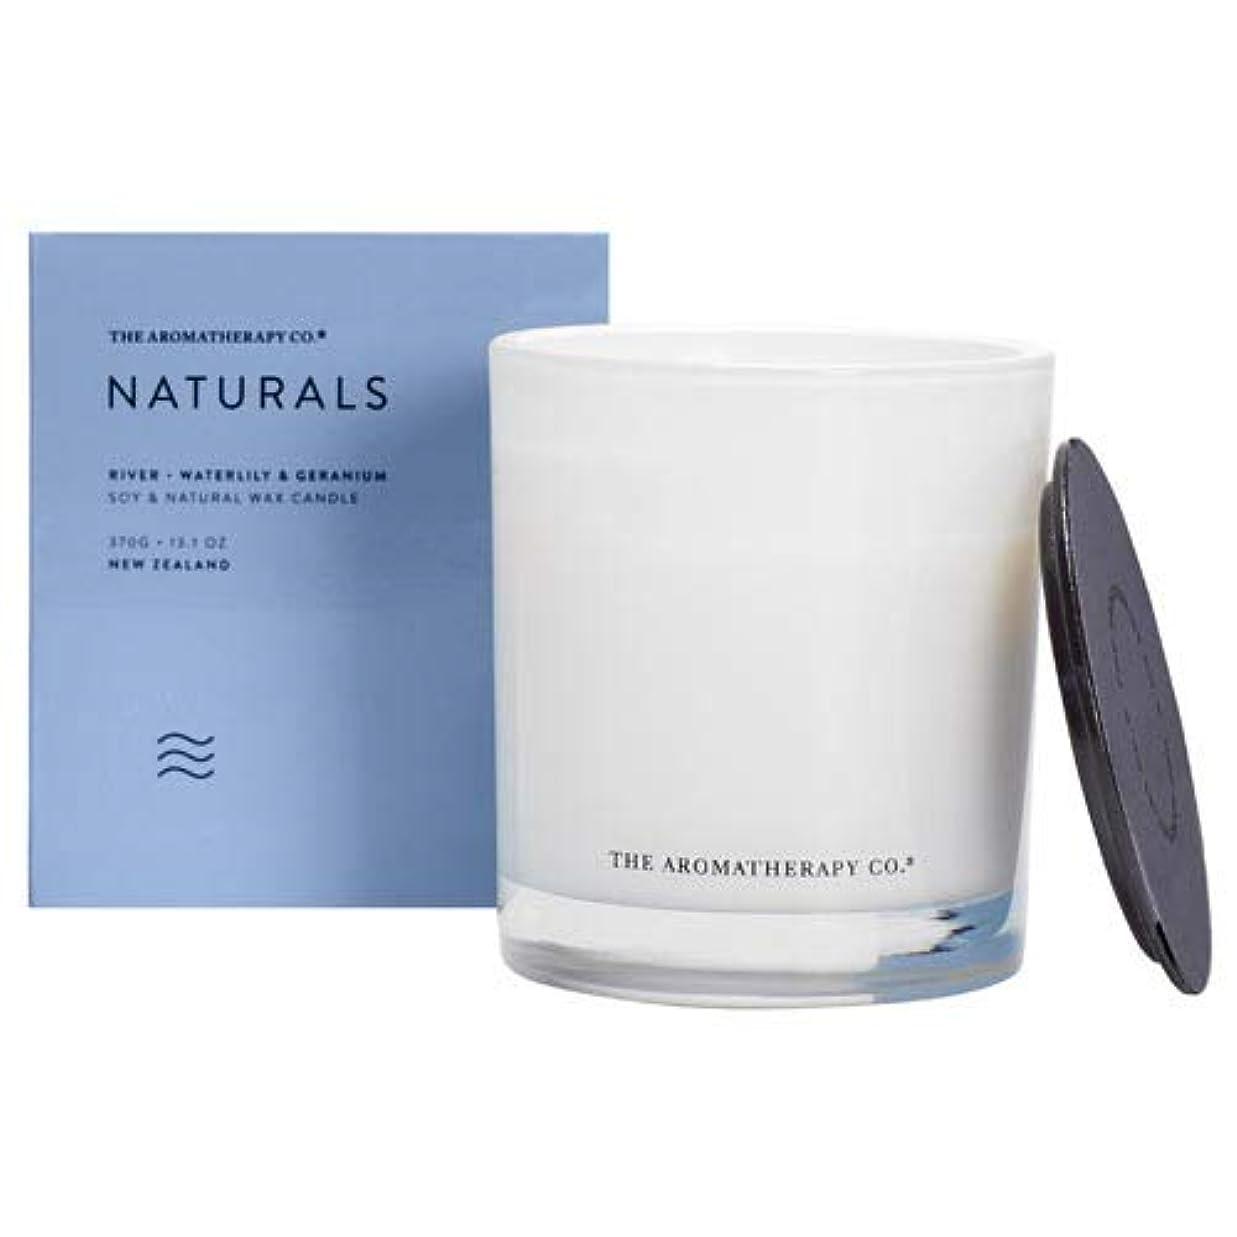 テーブルきらめく評論家アロマセラピーカンパニー(Aromatherapy Company) new NATURALS ナチュラルズ Candle キャンドル River リバー(川) Waterlily & Geranium ウォーターリリー...